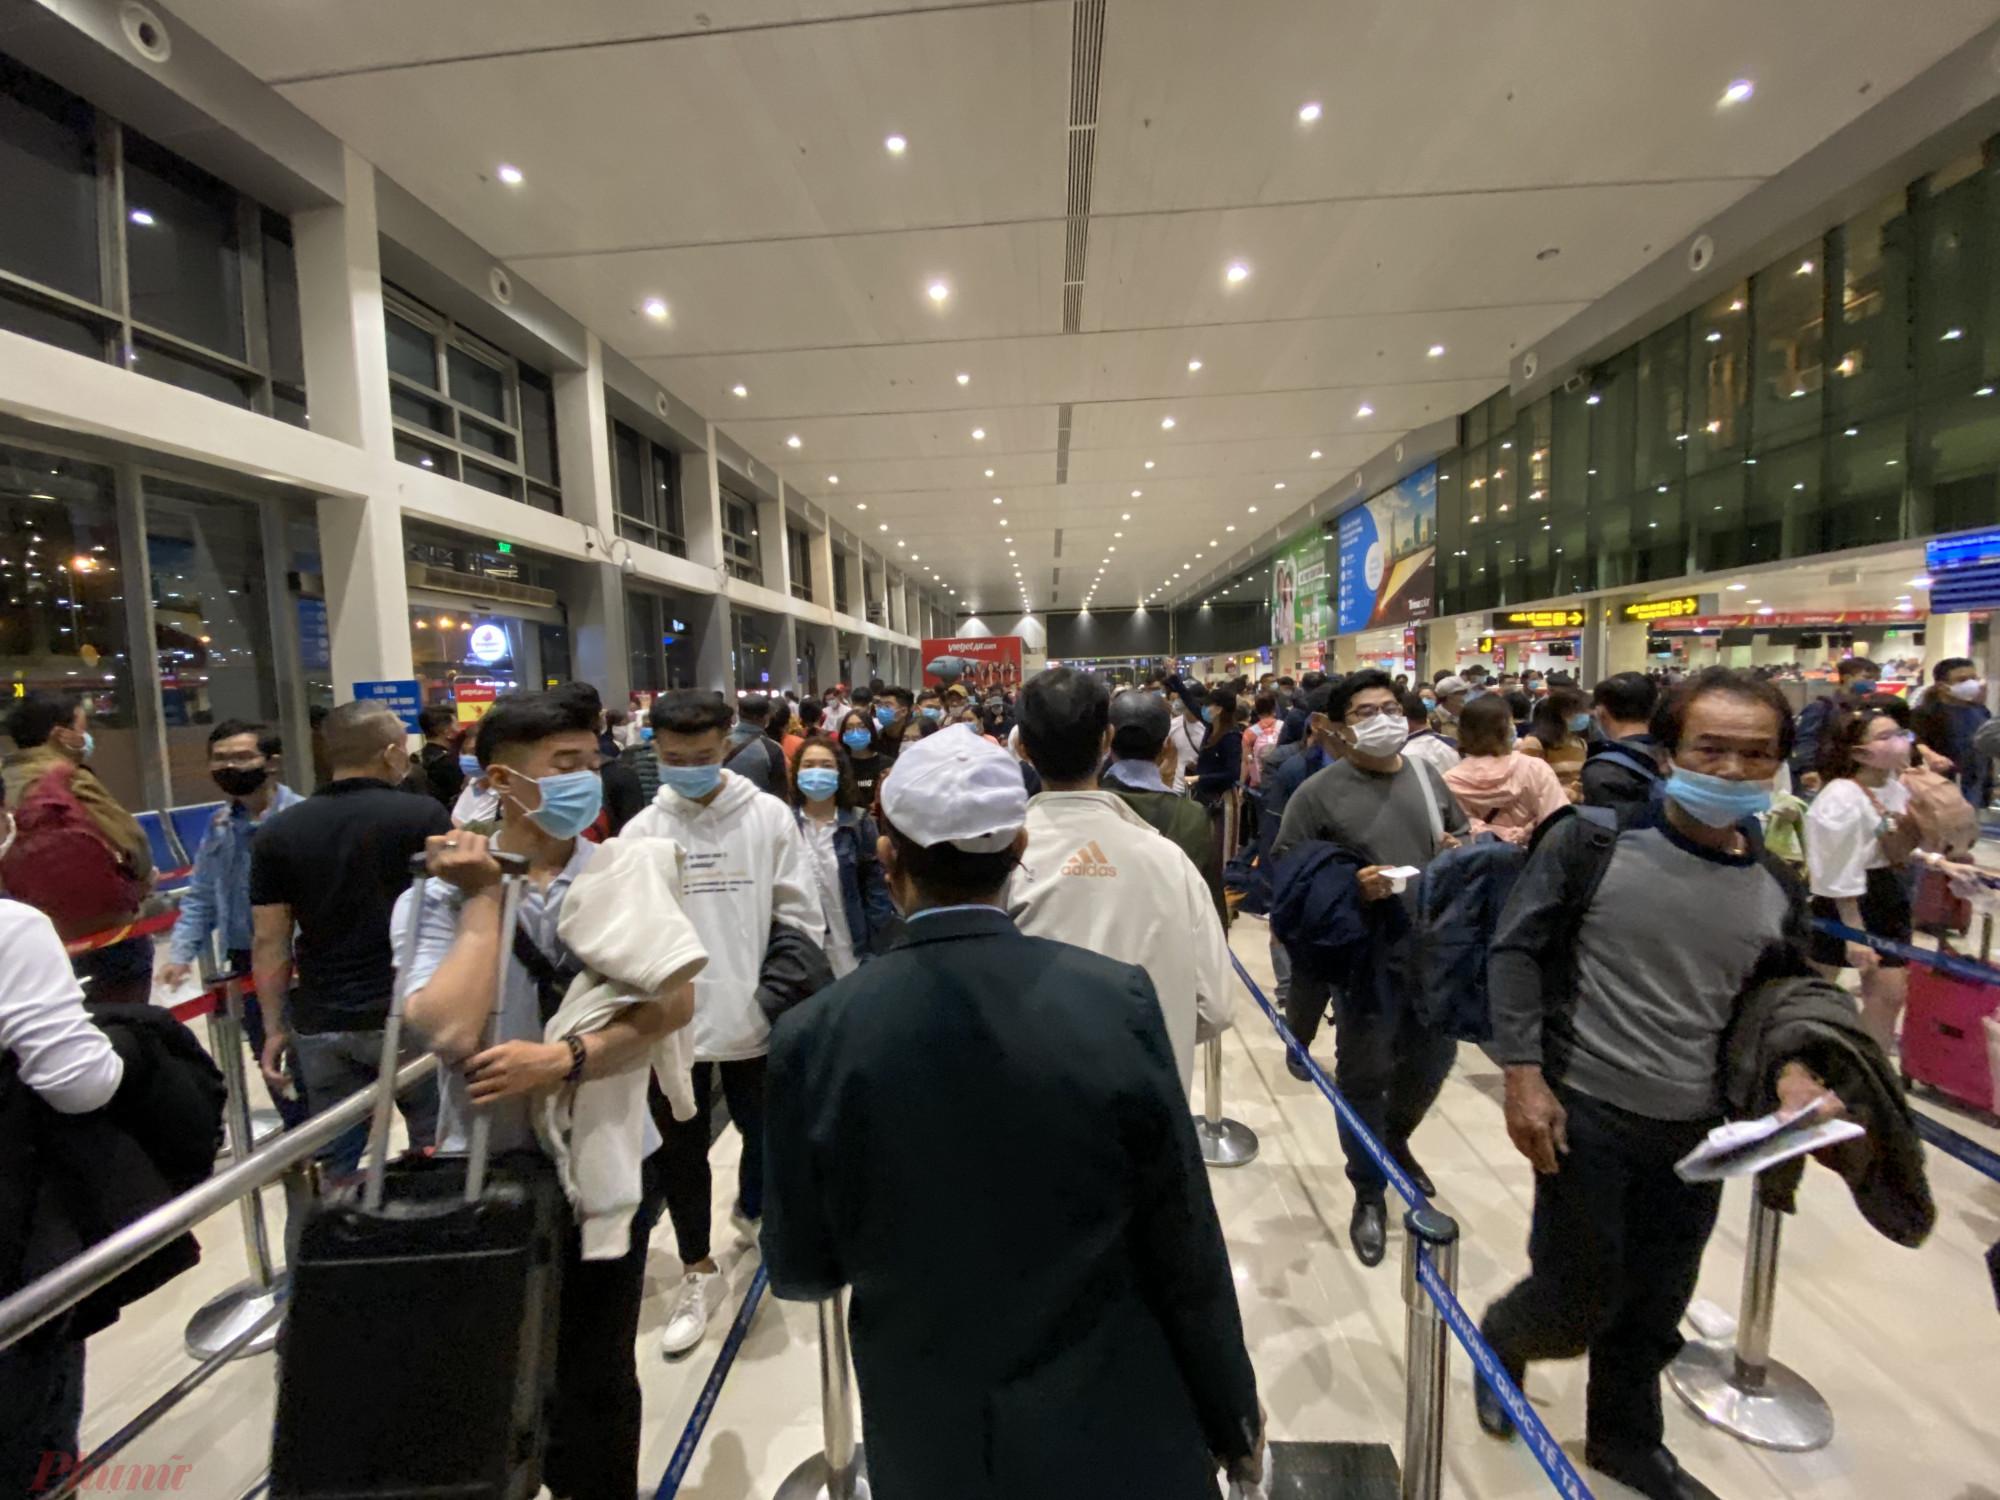 Cục hàng không Việt Nam yêu cầu các hãng dừng việc bán vé nội địa, chờ quyết định chính thức